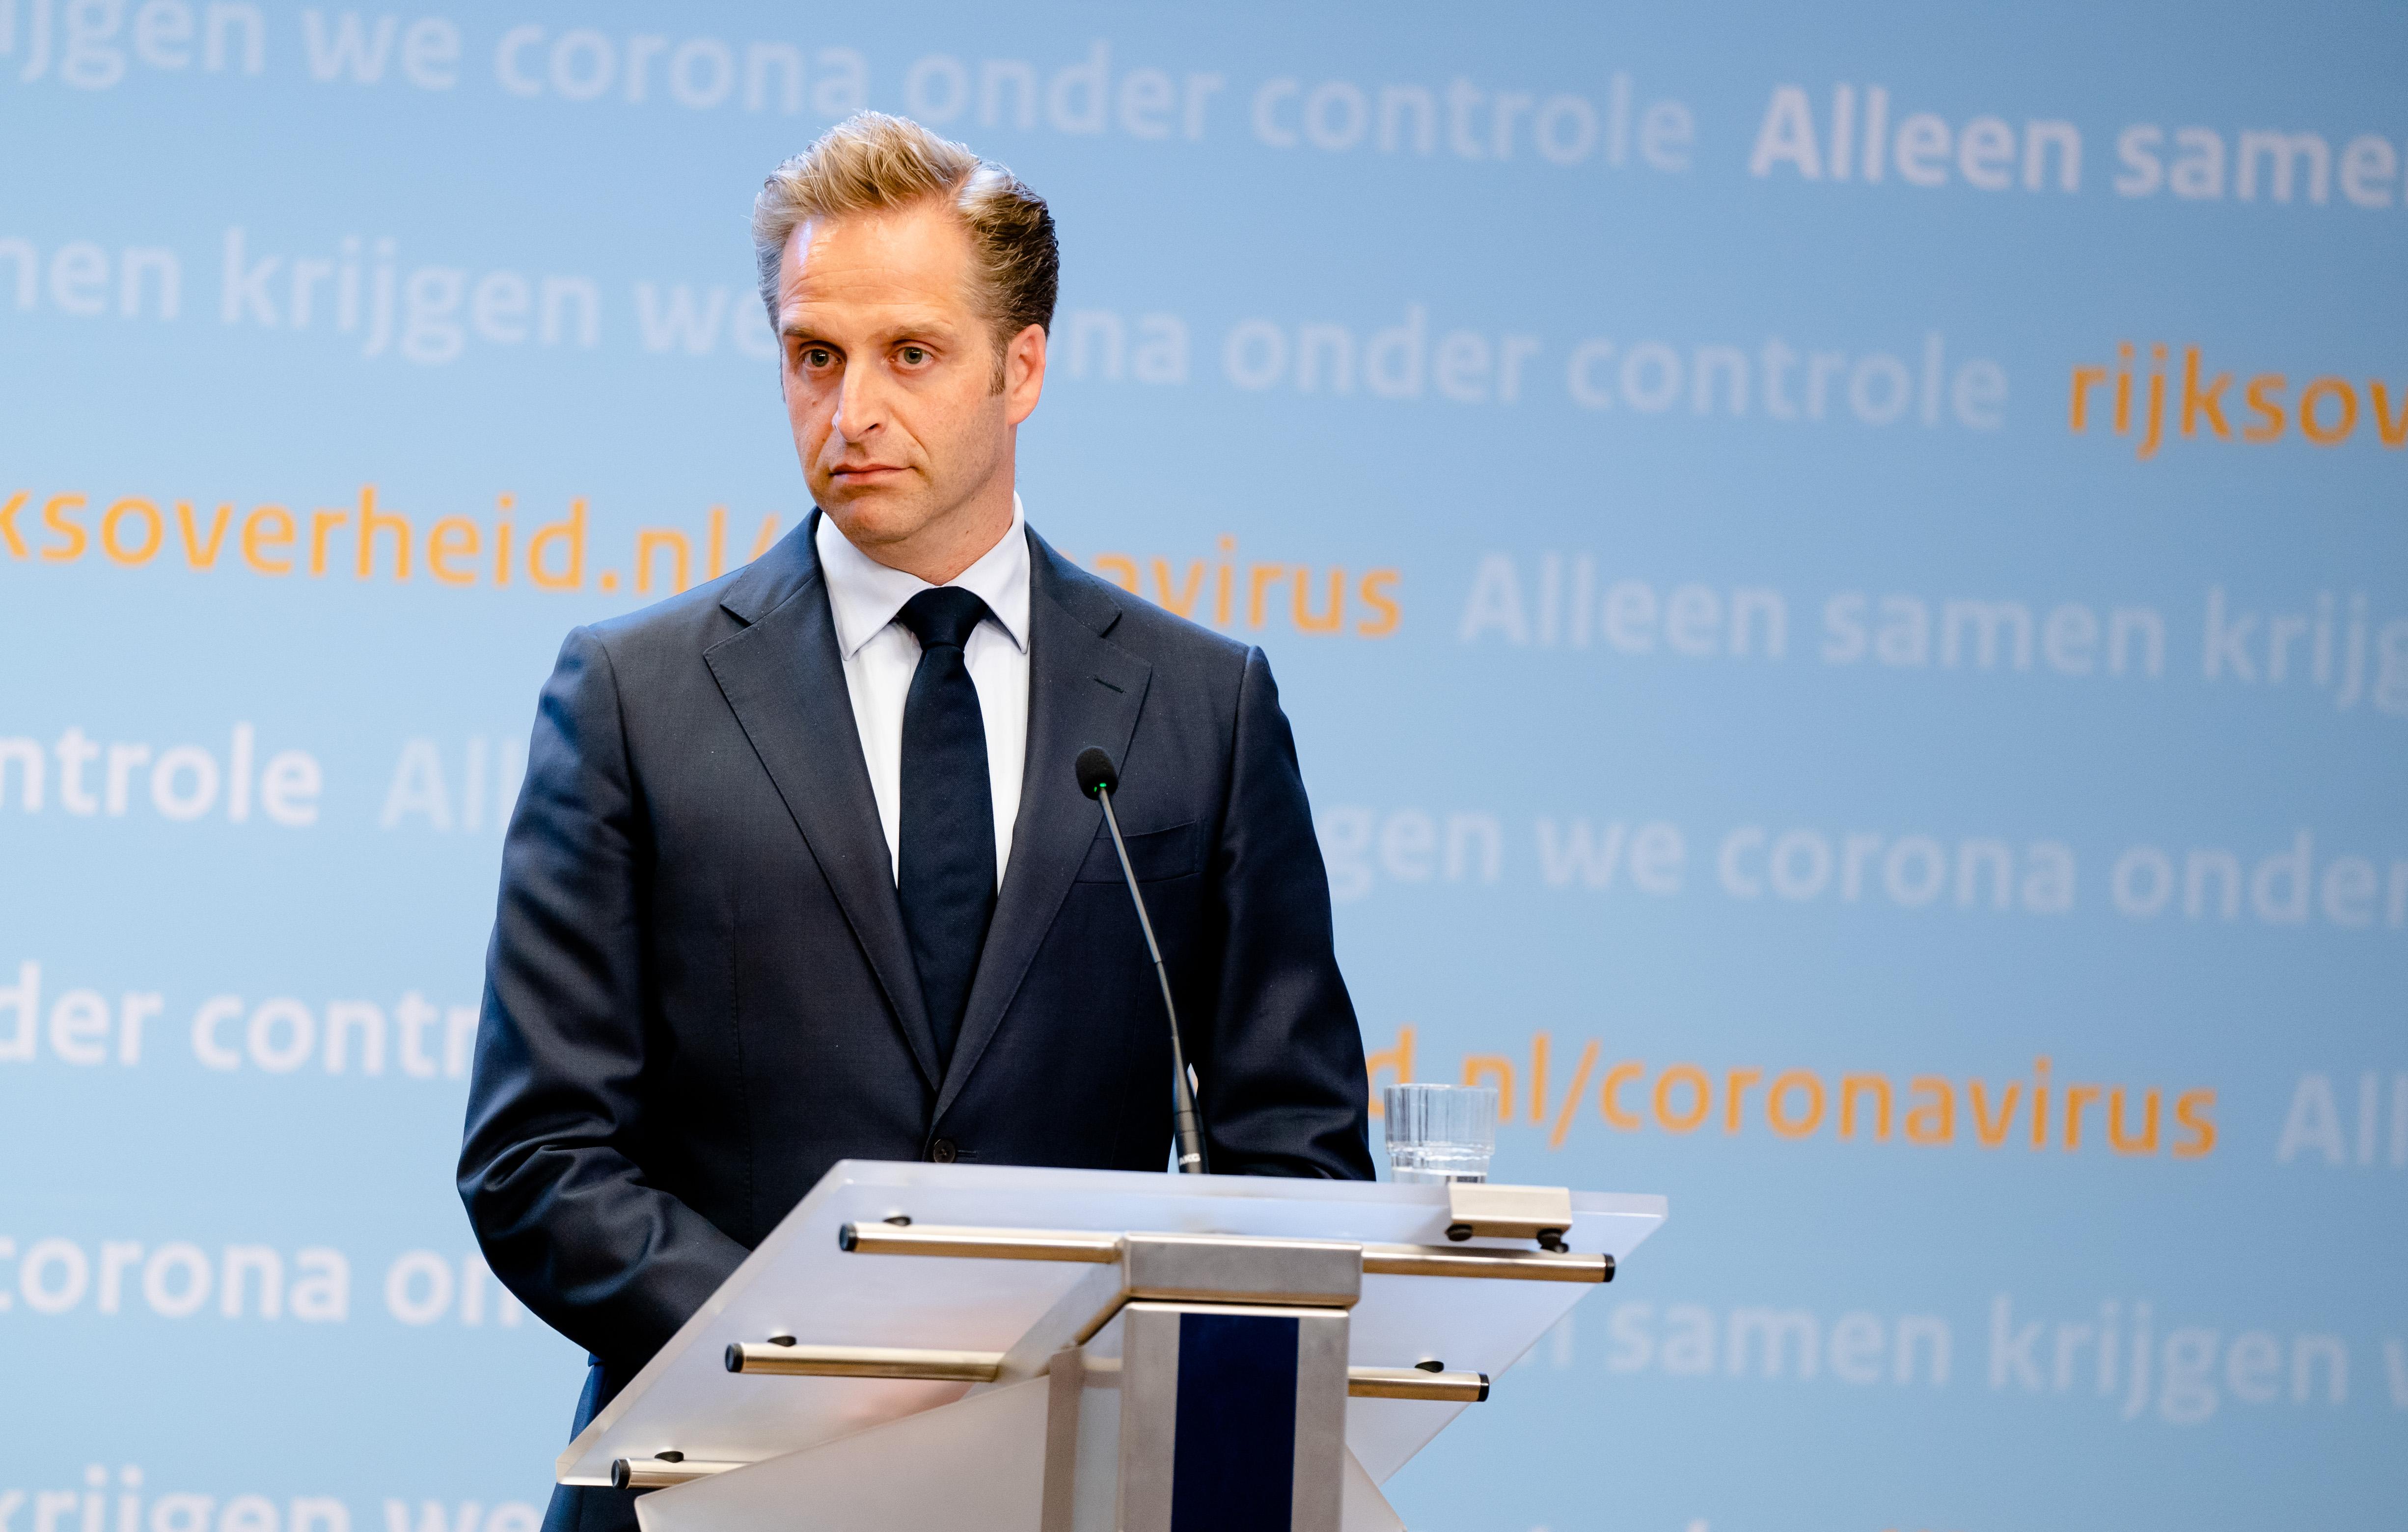 Een foto van minister Hugo de Jonge tijdens een persconferentie